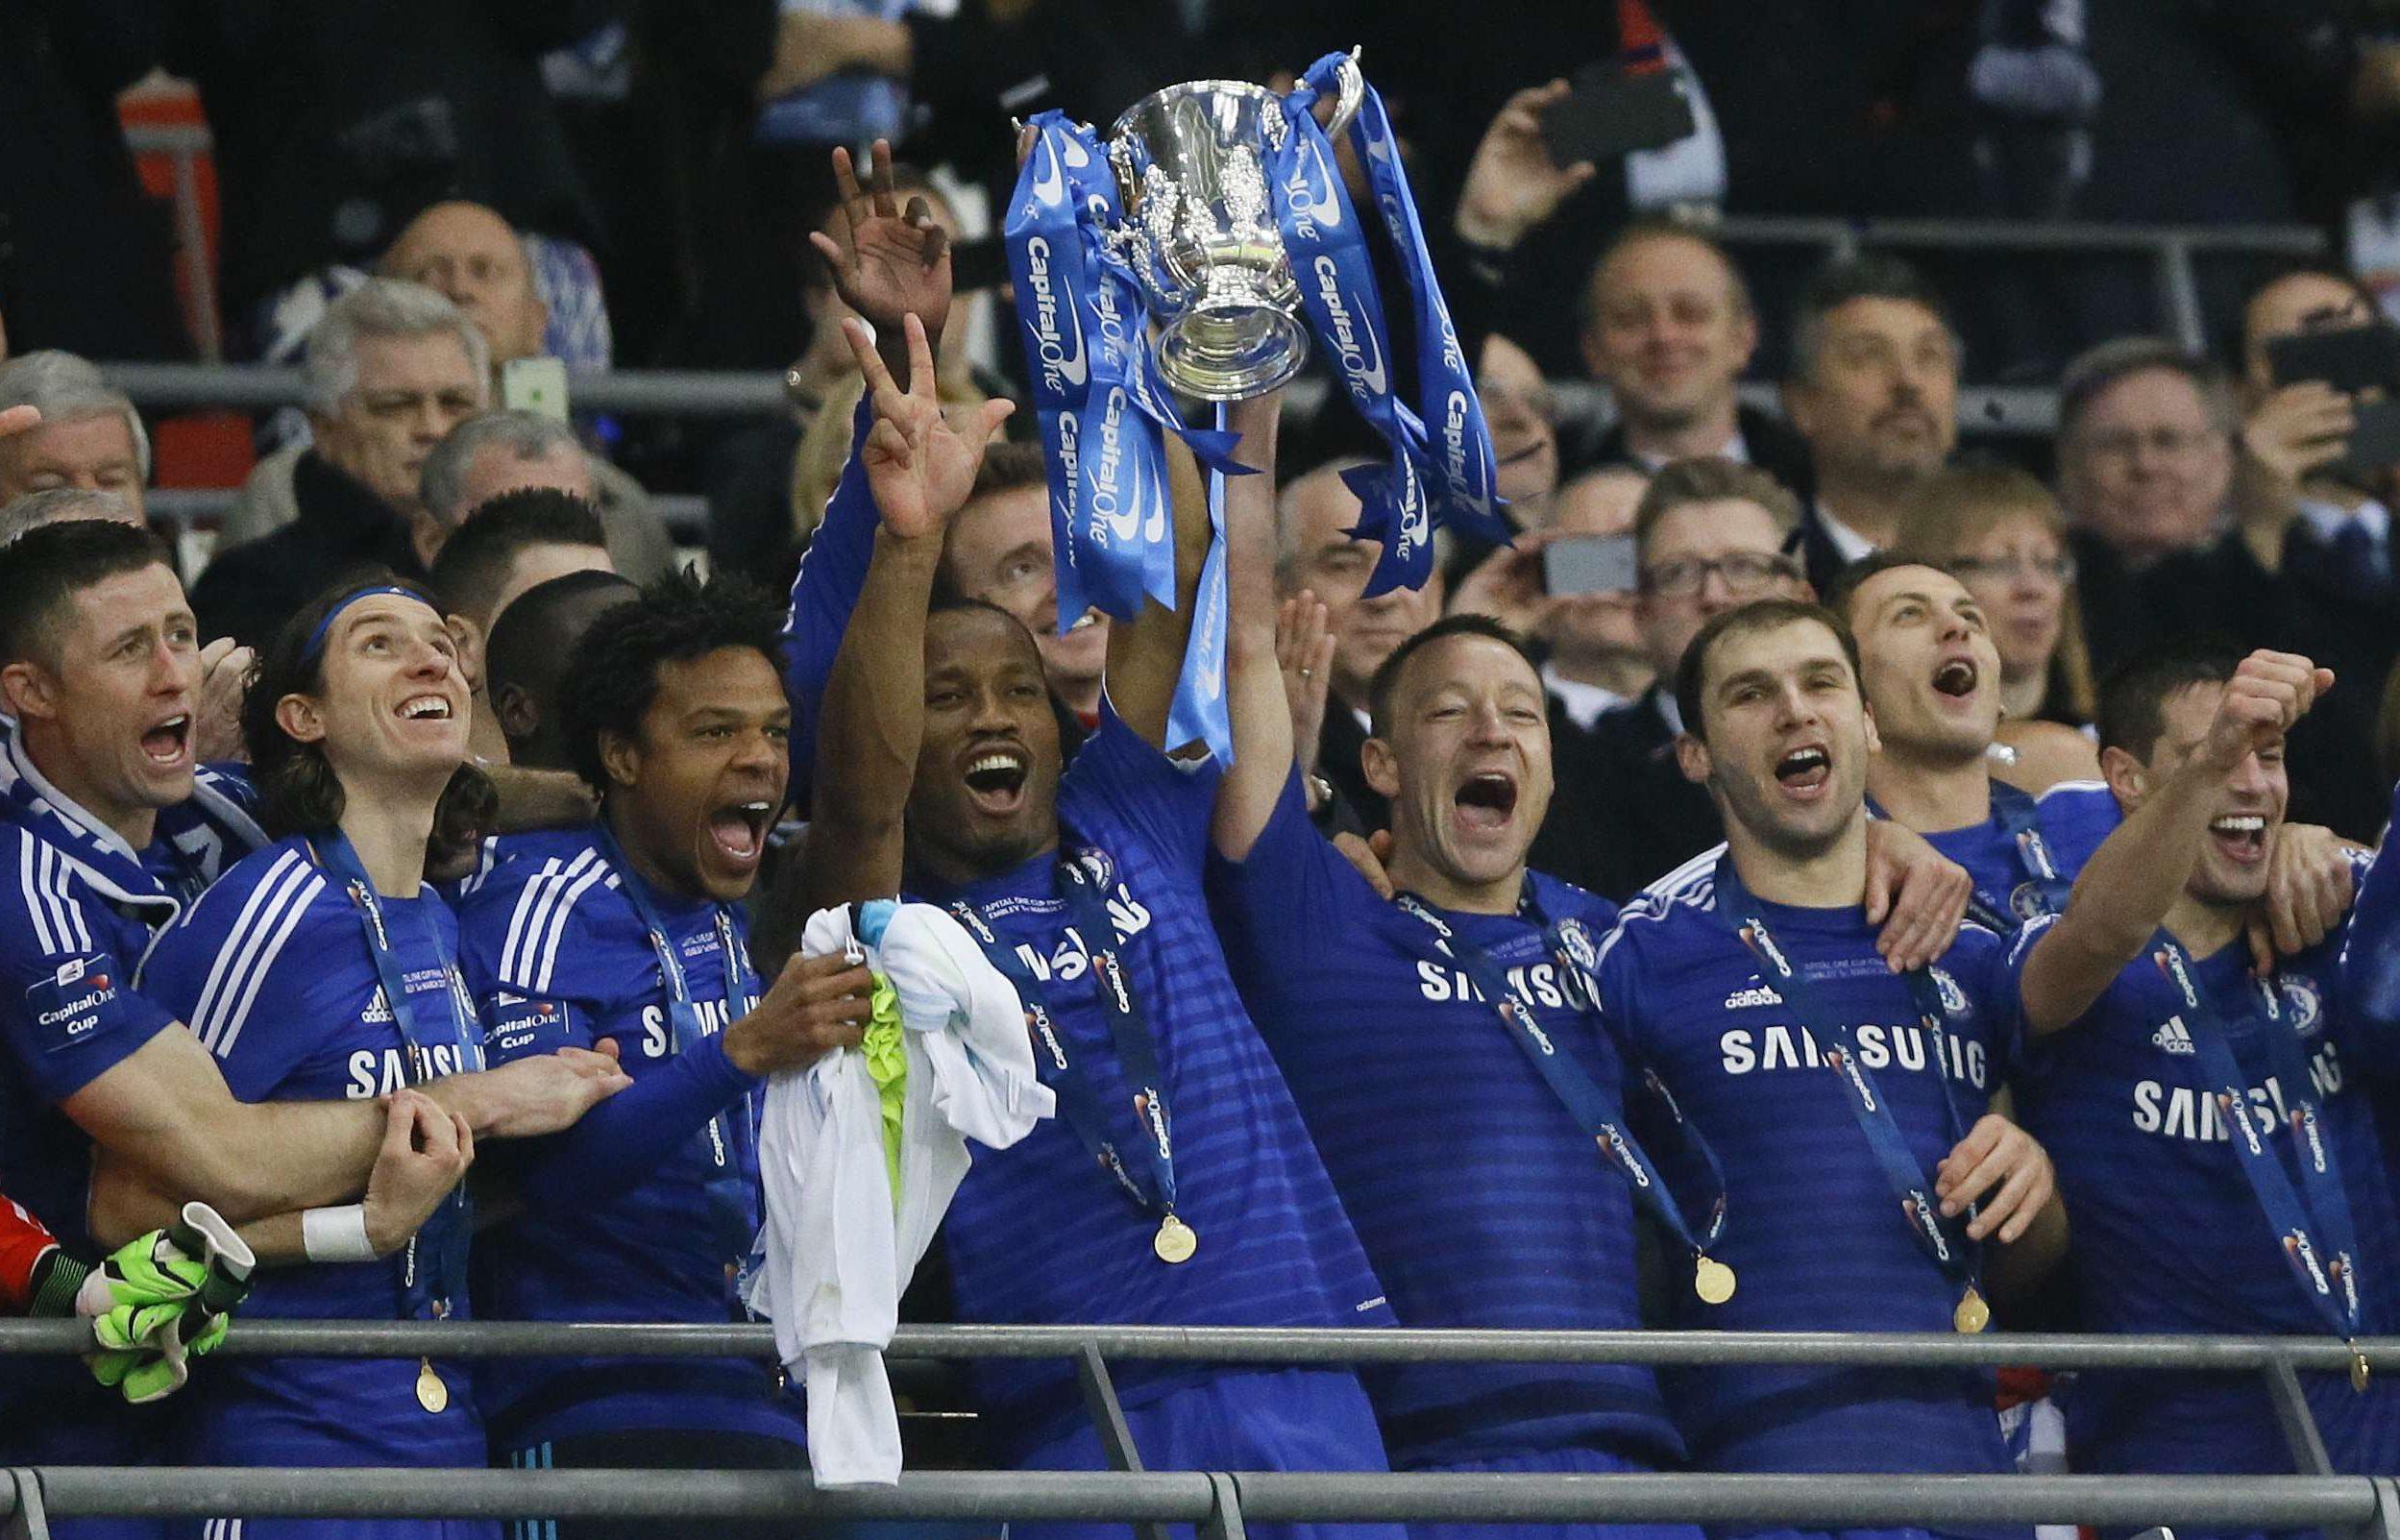 John Terry, de Chelsea, et Didier Drogba tiennent la Coupe de la Ligue anglaise contre le Tottenham.